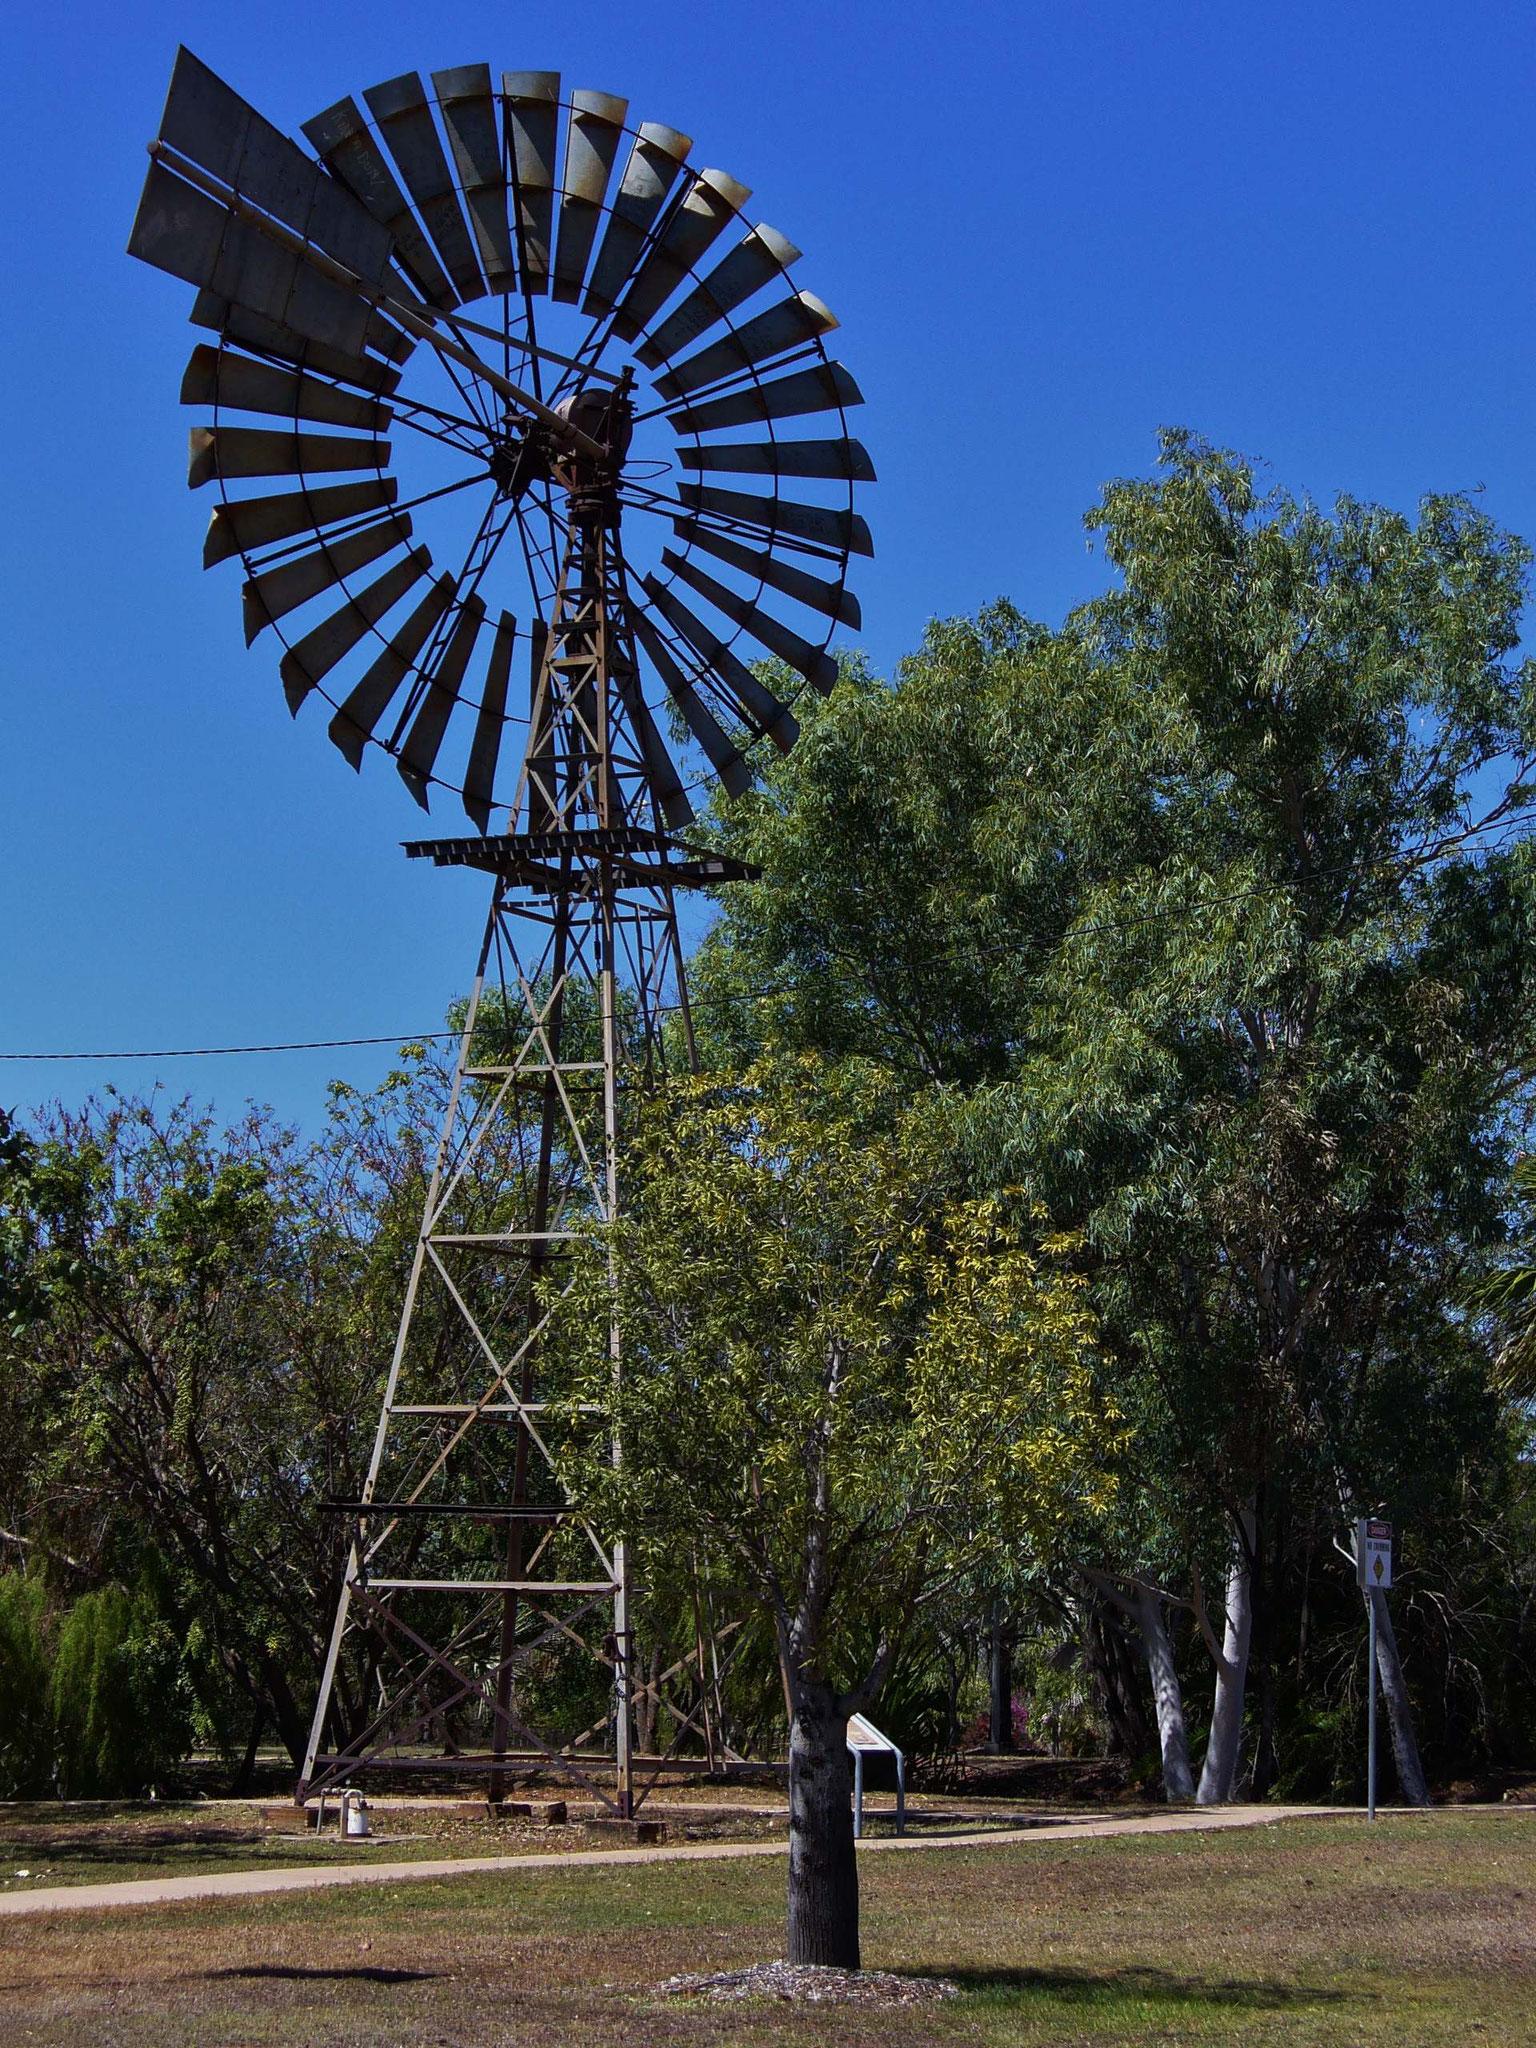 Windradpumpe um Wasser hochzupumpen